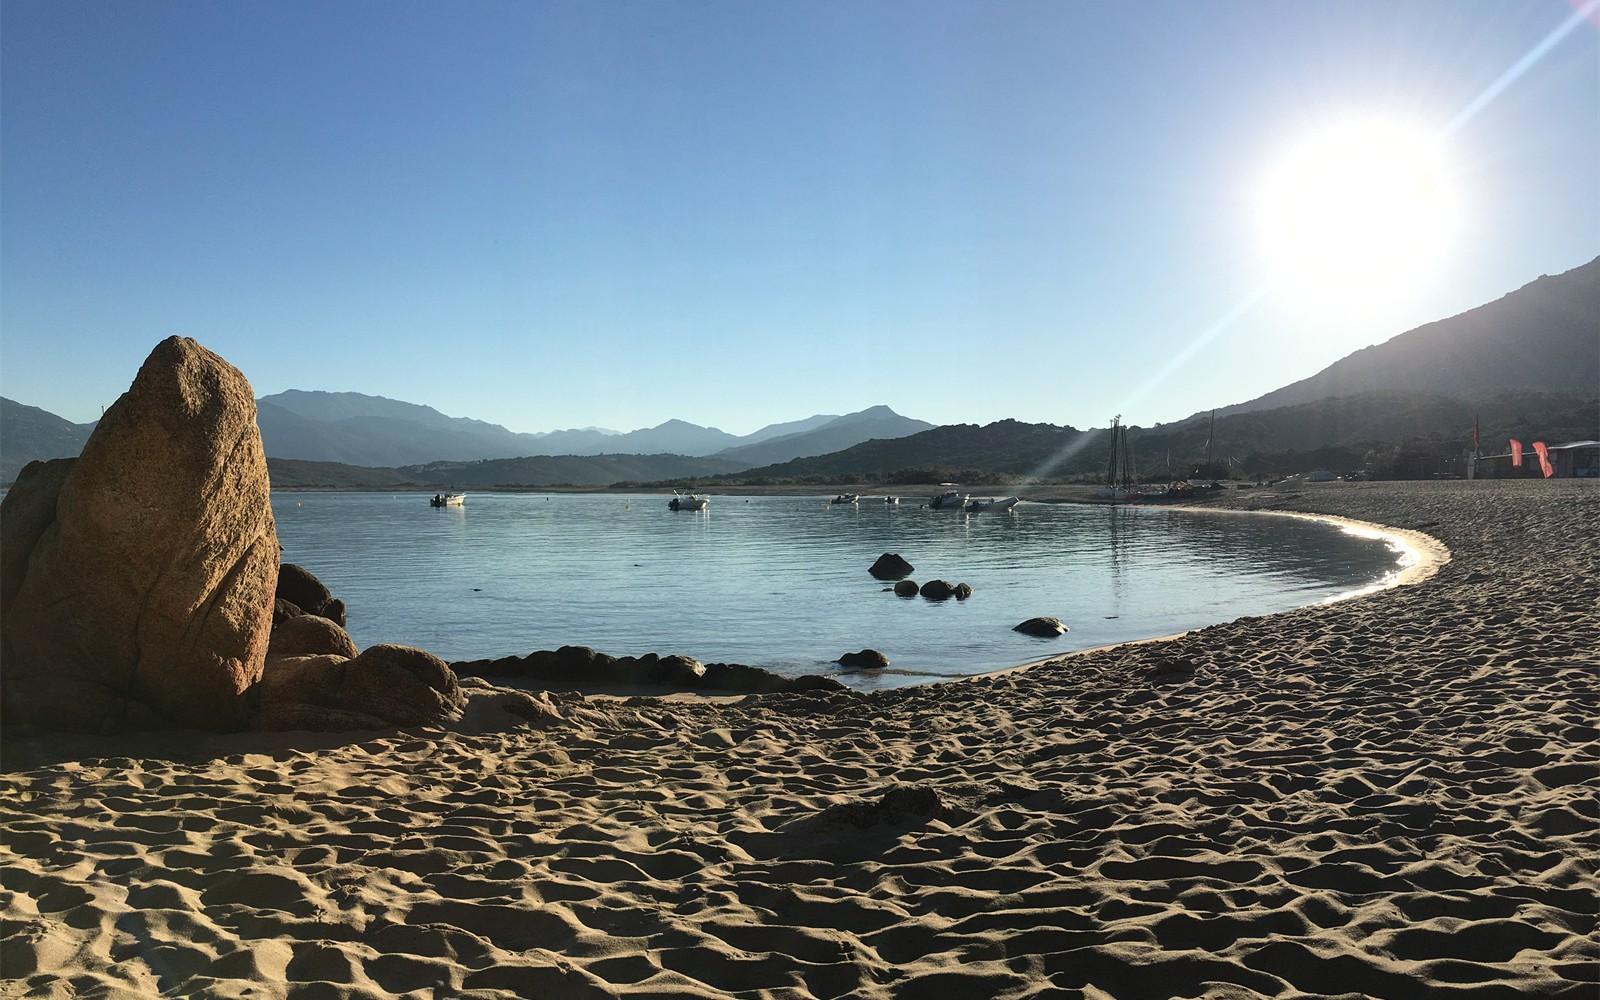 Vente Chambres d'hôtes en Corse du Sud (2A)